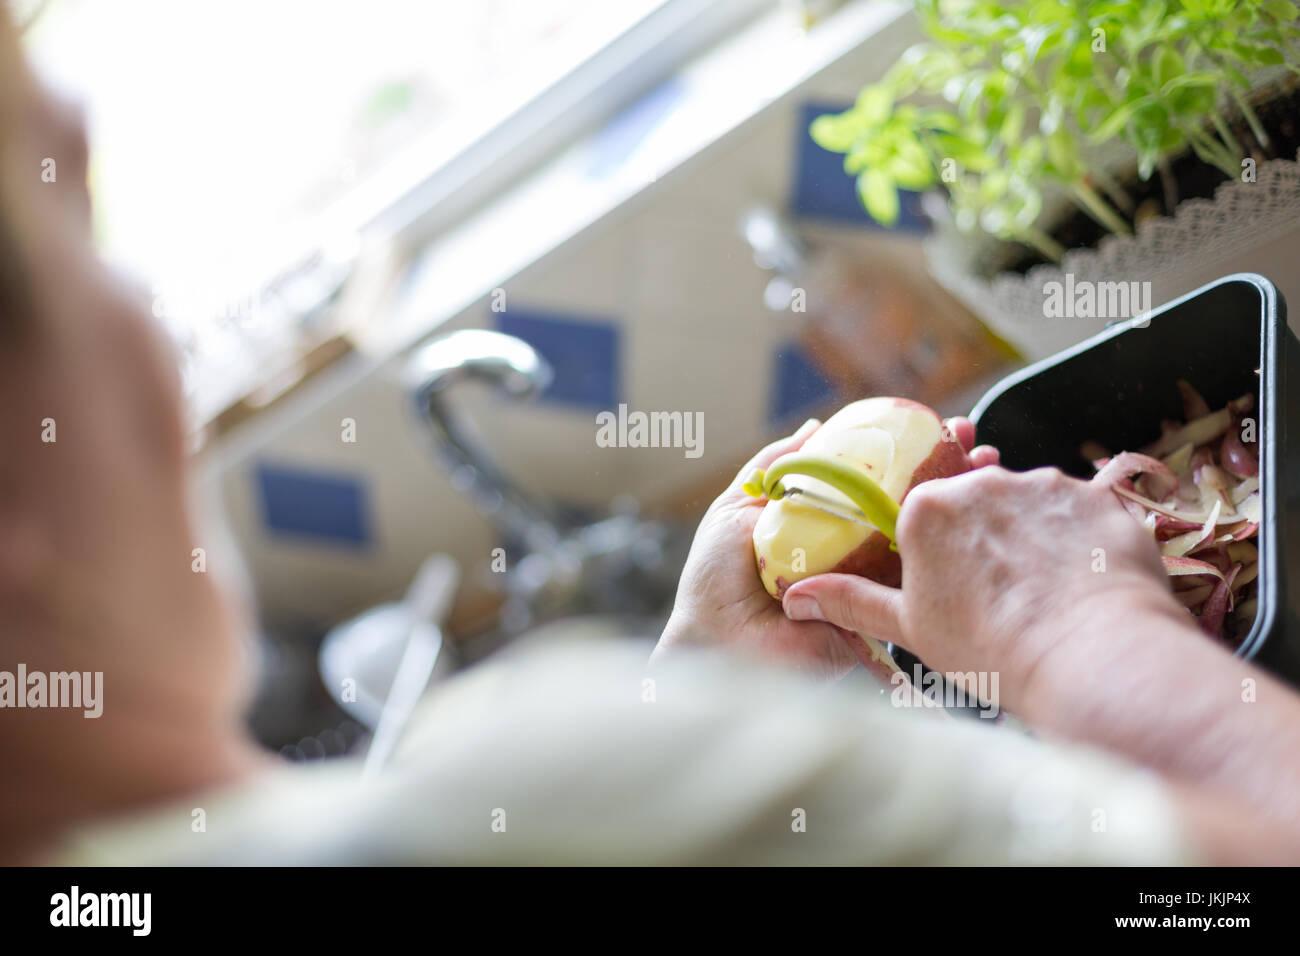 Mujer Senior pelando patatas rojas, la preparación de alimentos. Orientación horizontal con el enfoque Imagen De Stock